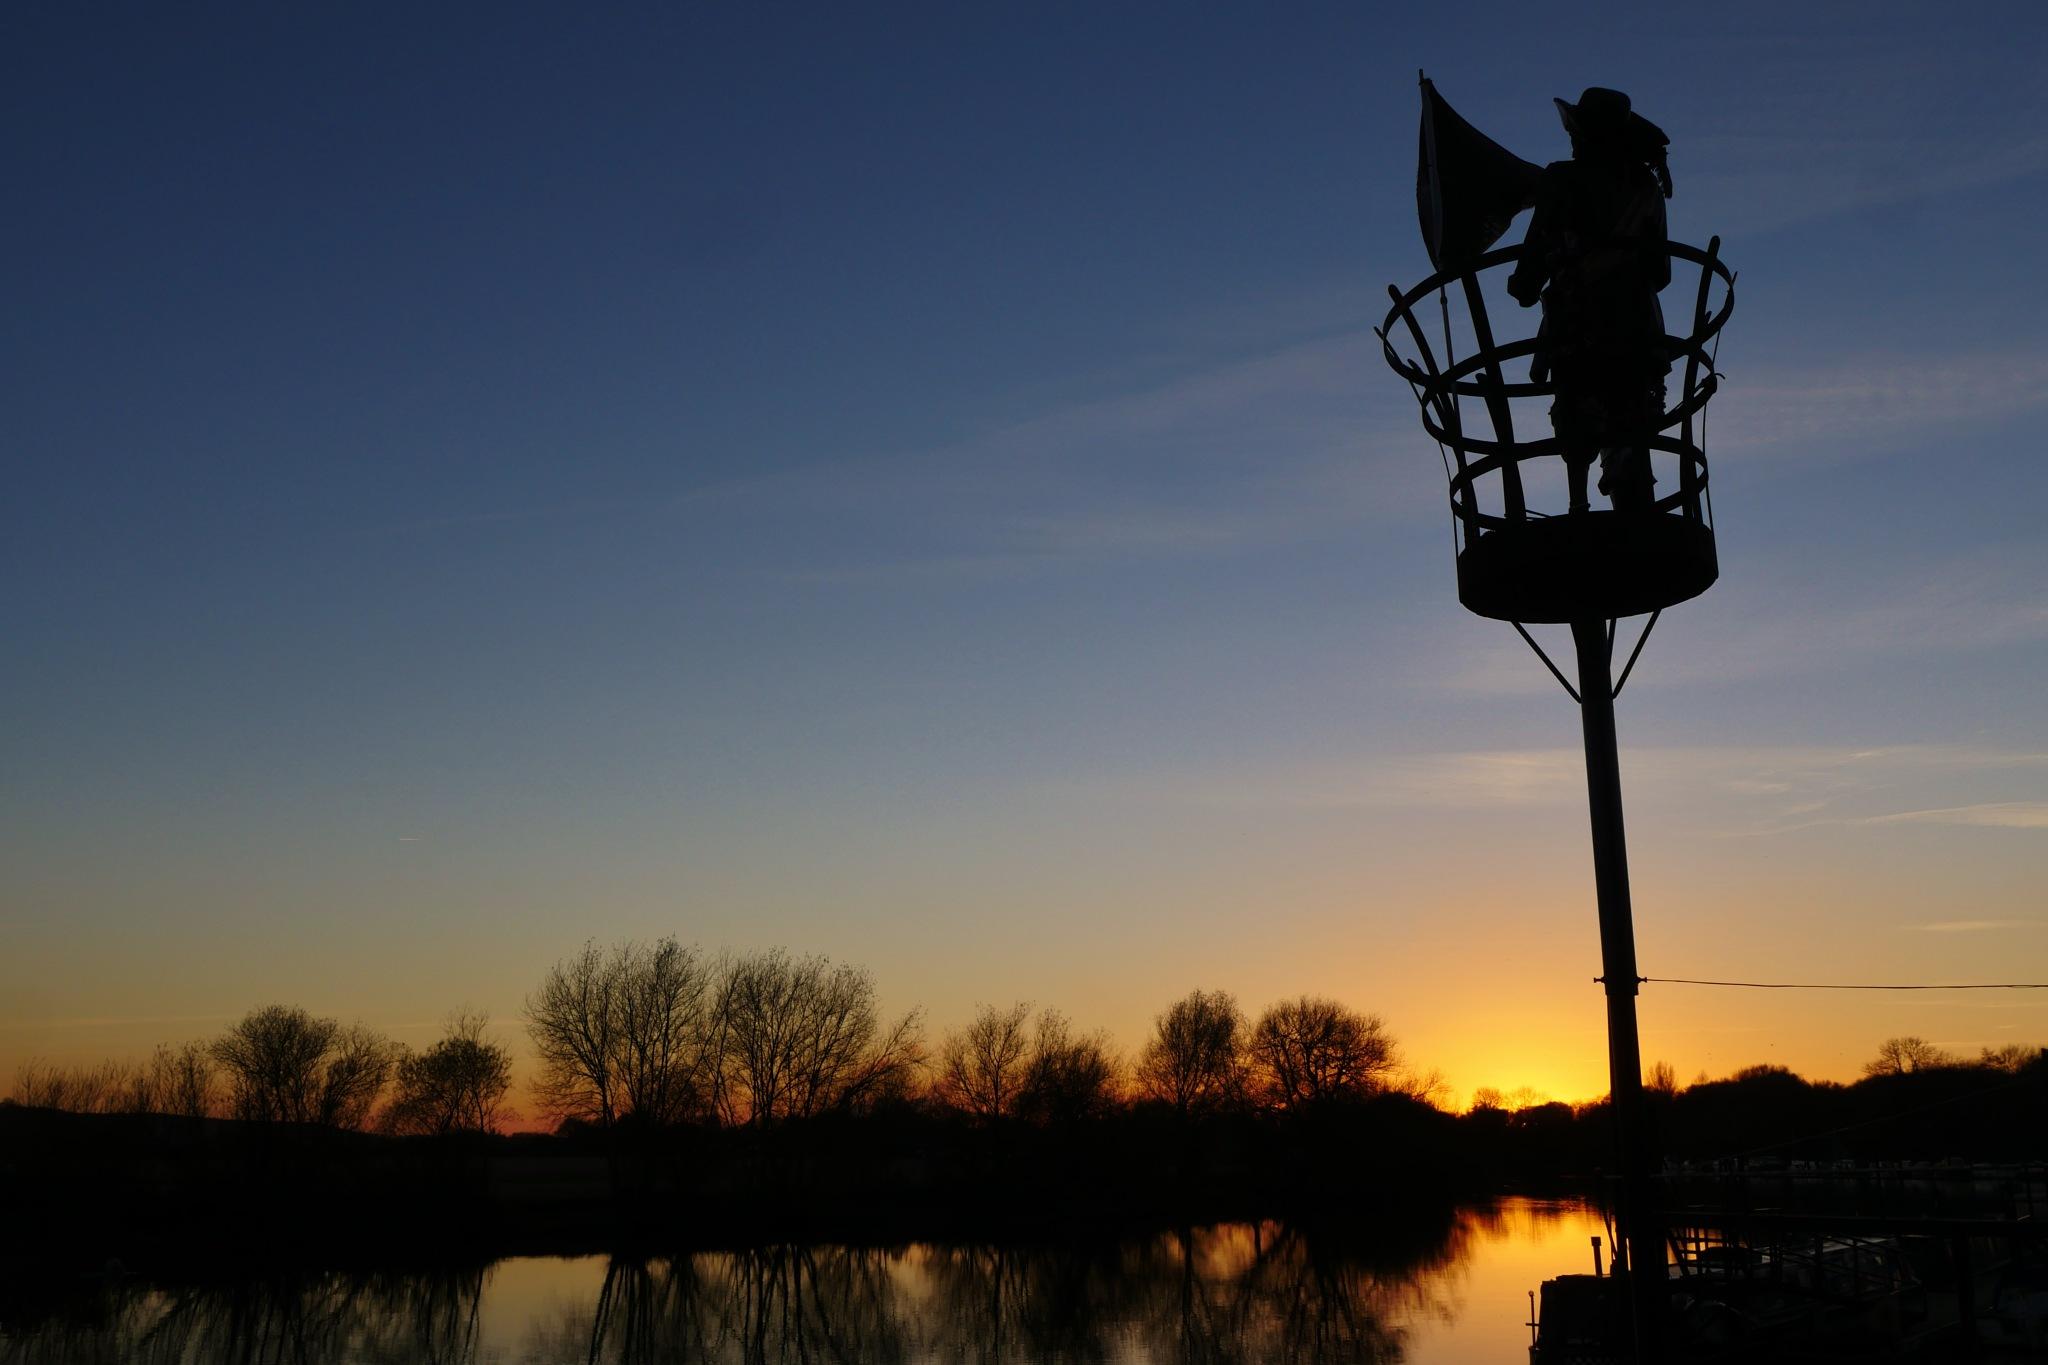 Pirate sunset by AJ Yakstrangler Andy Jamieson